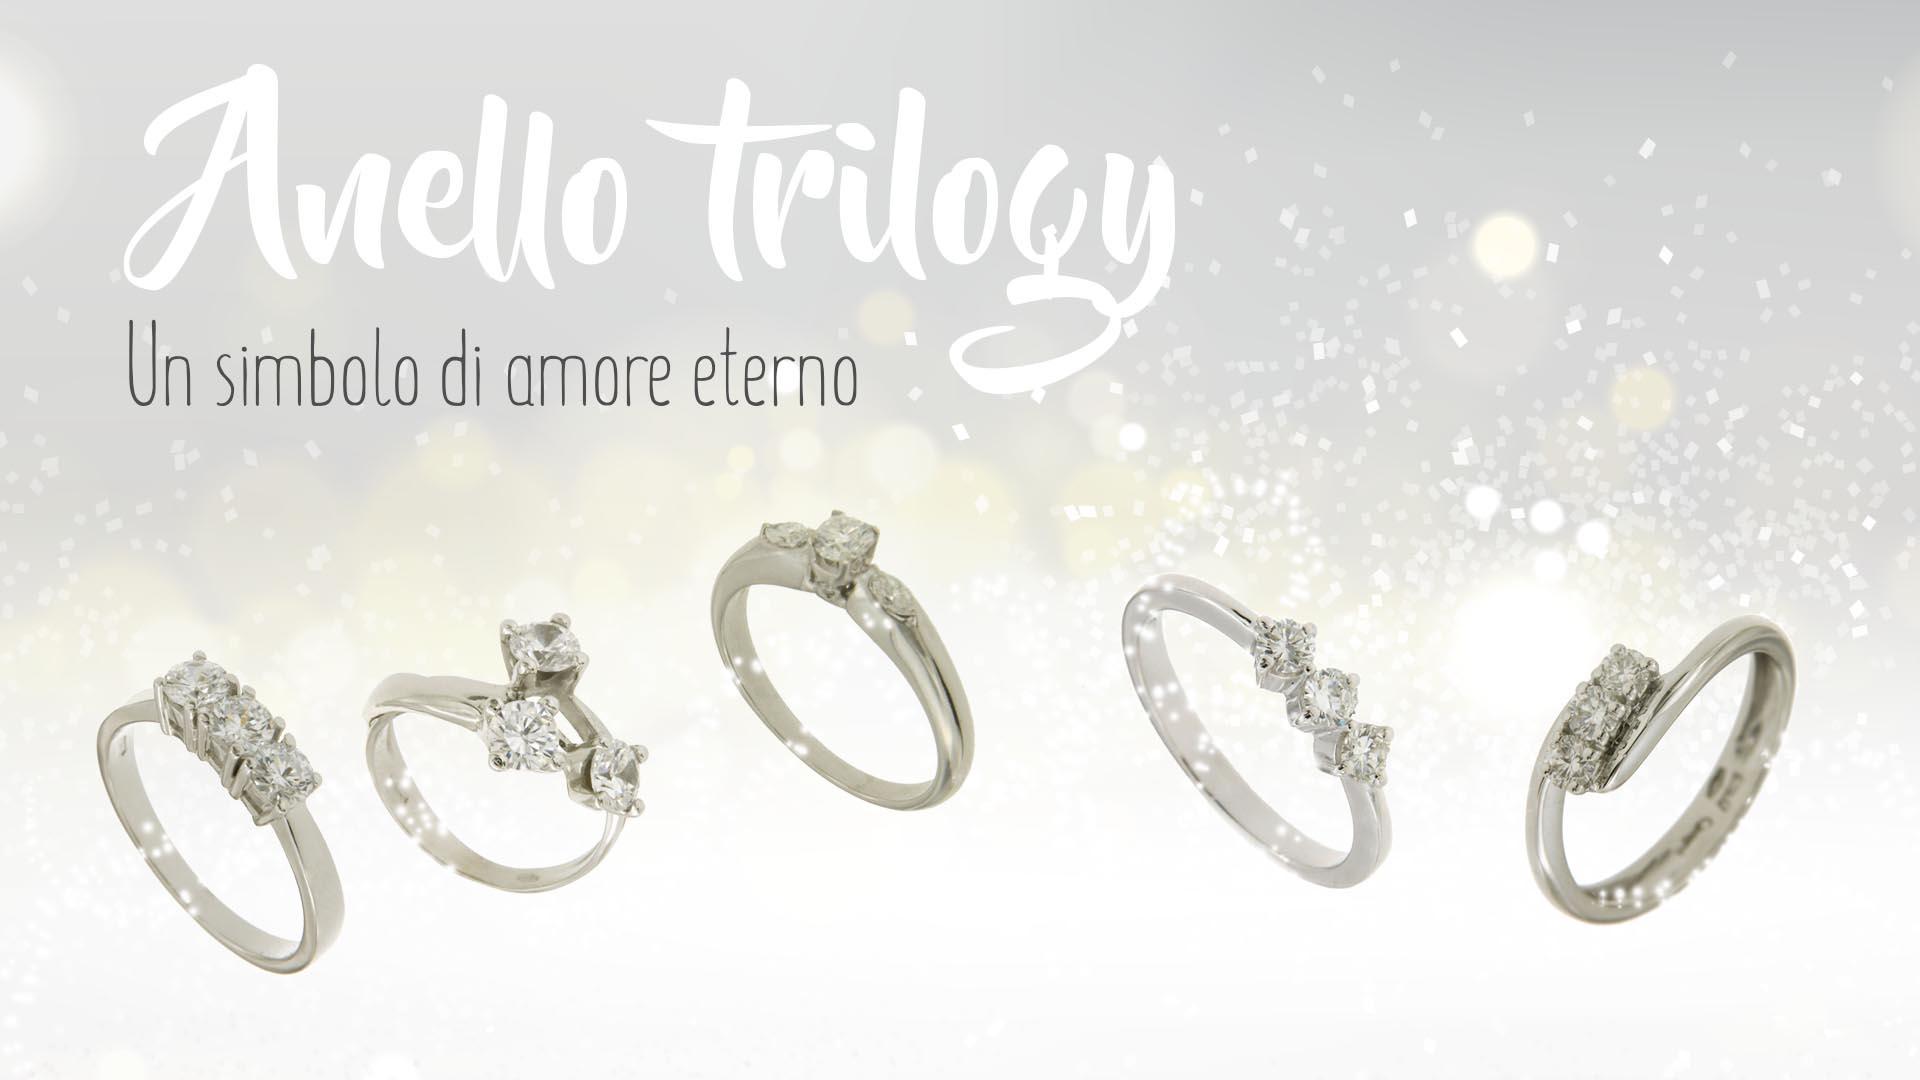 Vari tipi di anello trilogy presenti sul catalogo de Il Bello del Lusso su fondo argentato